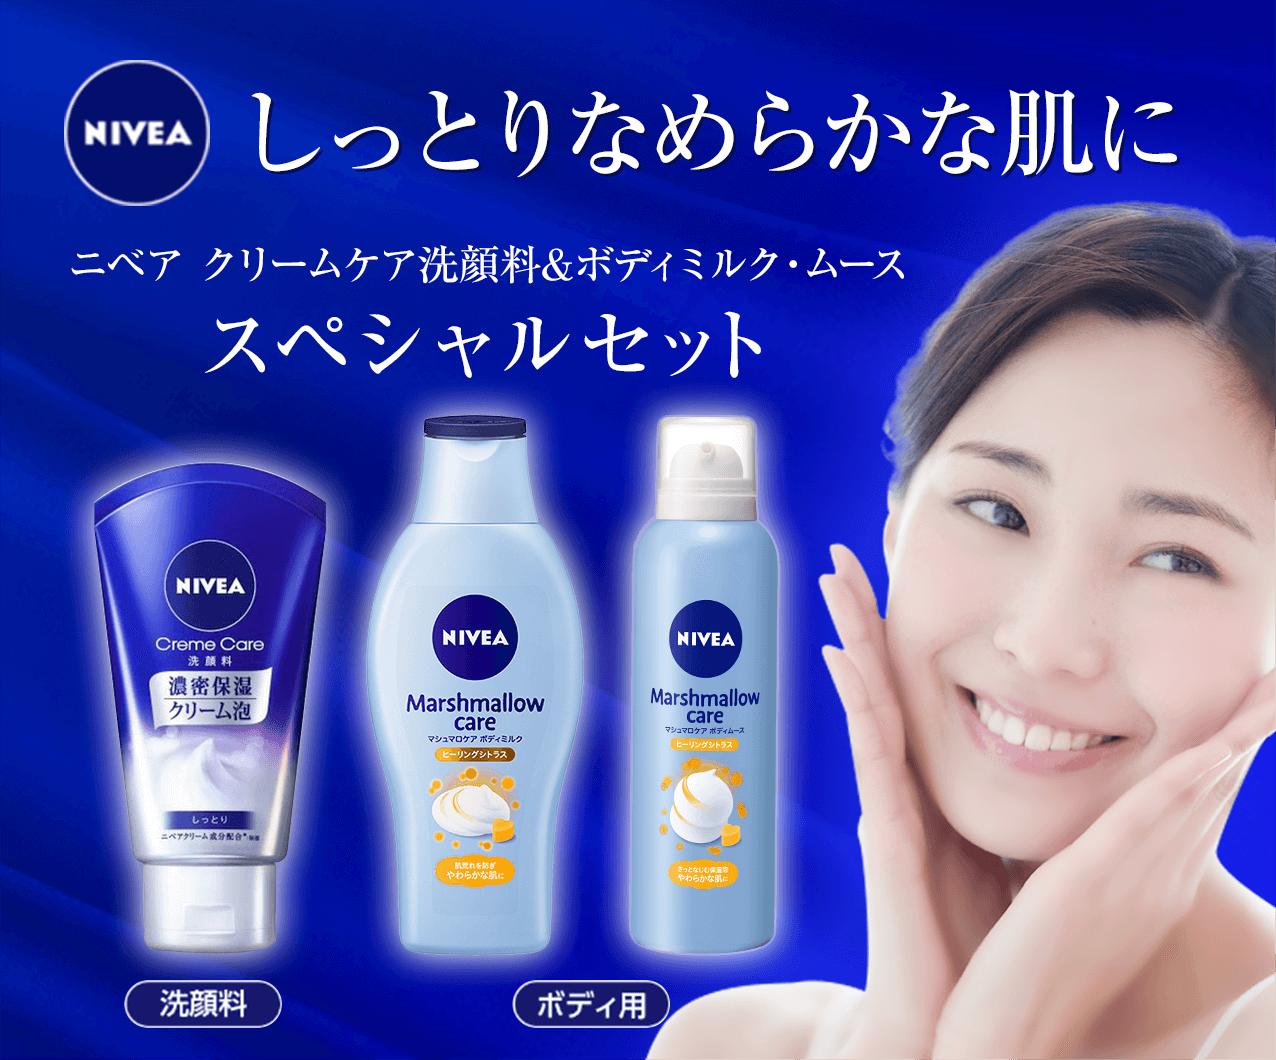 しっとりなめらかな肌に NIVEA ニベア ニベア クリームケア洗顔料&ボディミルク・ムース スペシャルセット